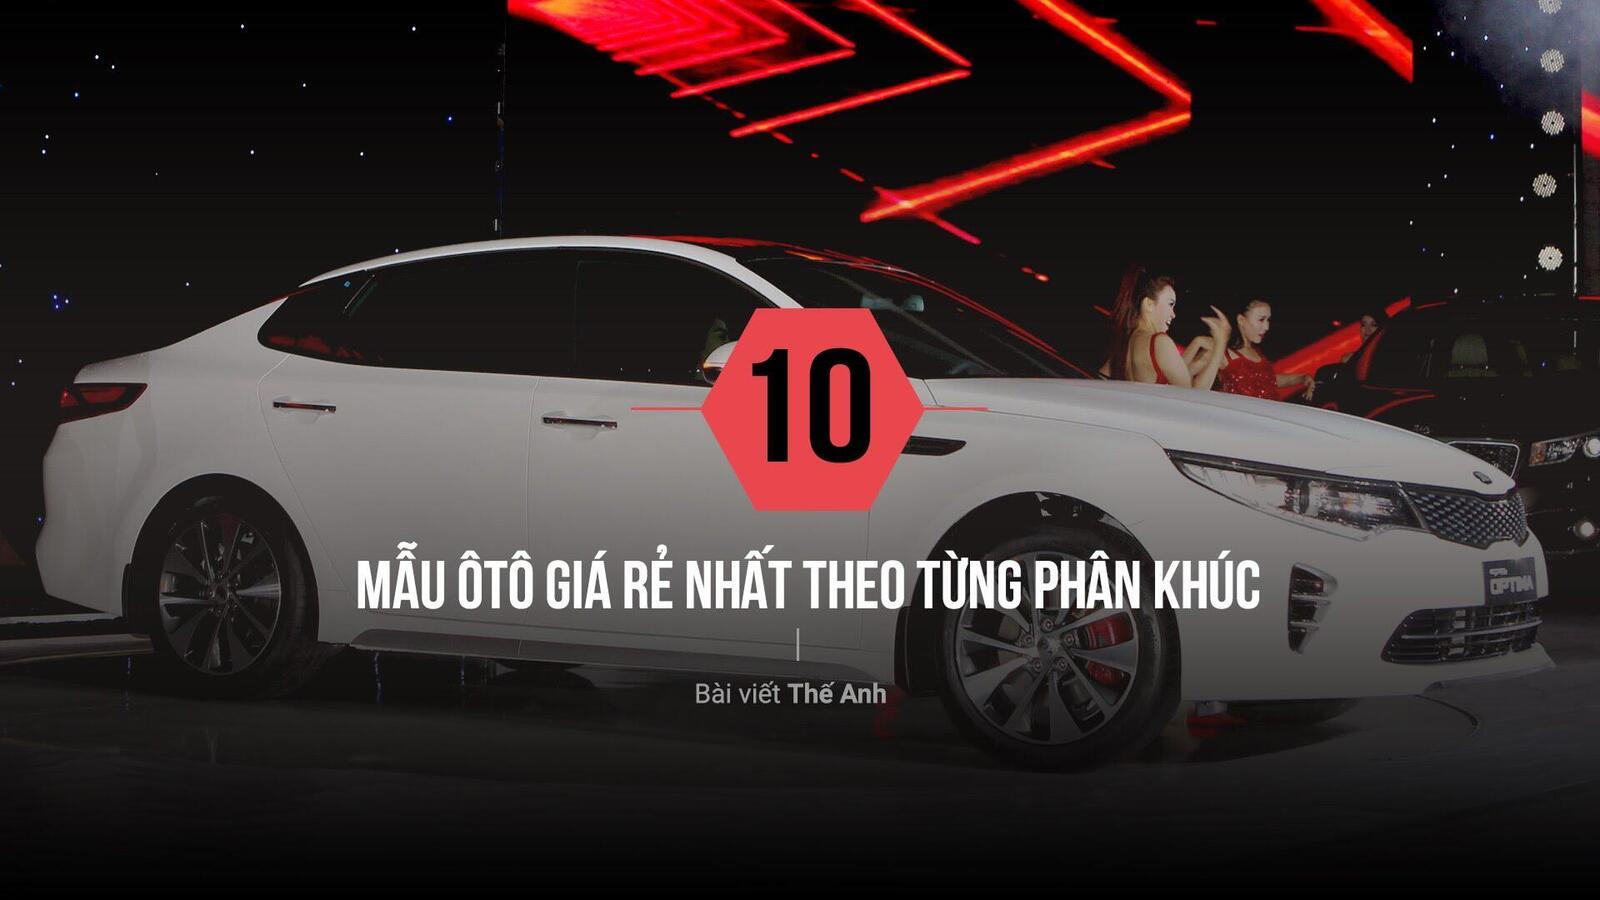 10 mẫu ôtô rẻ nhất theo từng phân khúc tại Việt Nam - Hình 1